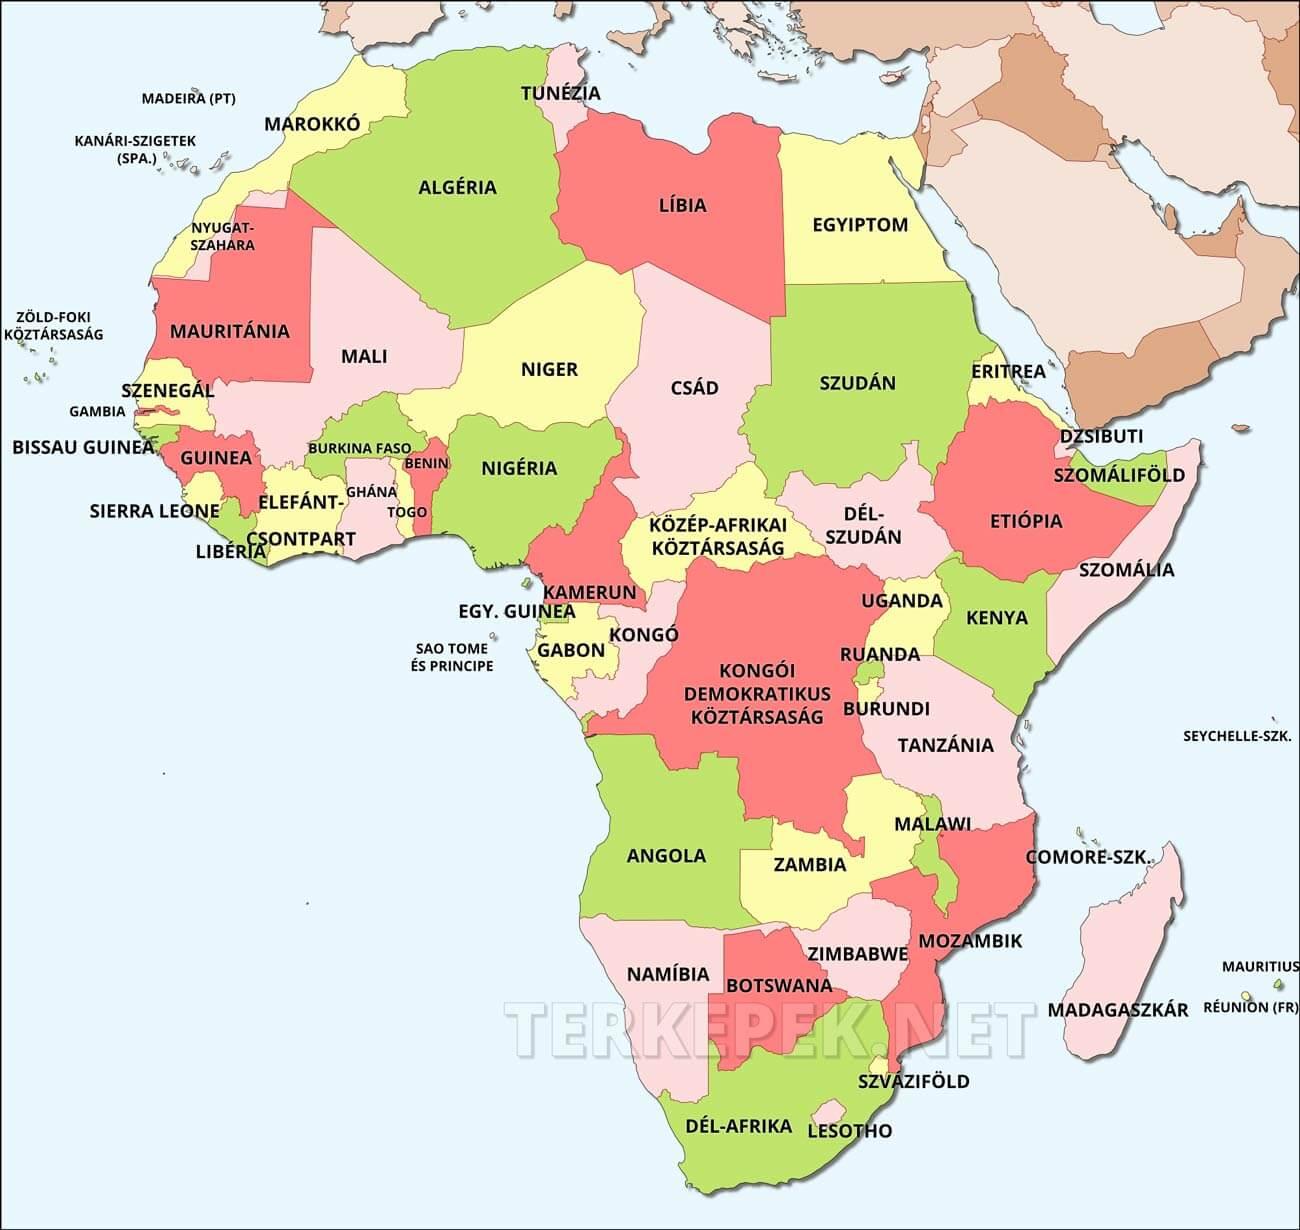 európa afrika térkép Afrika térkép európa afrika térkép